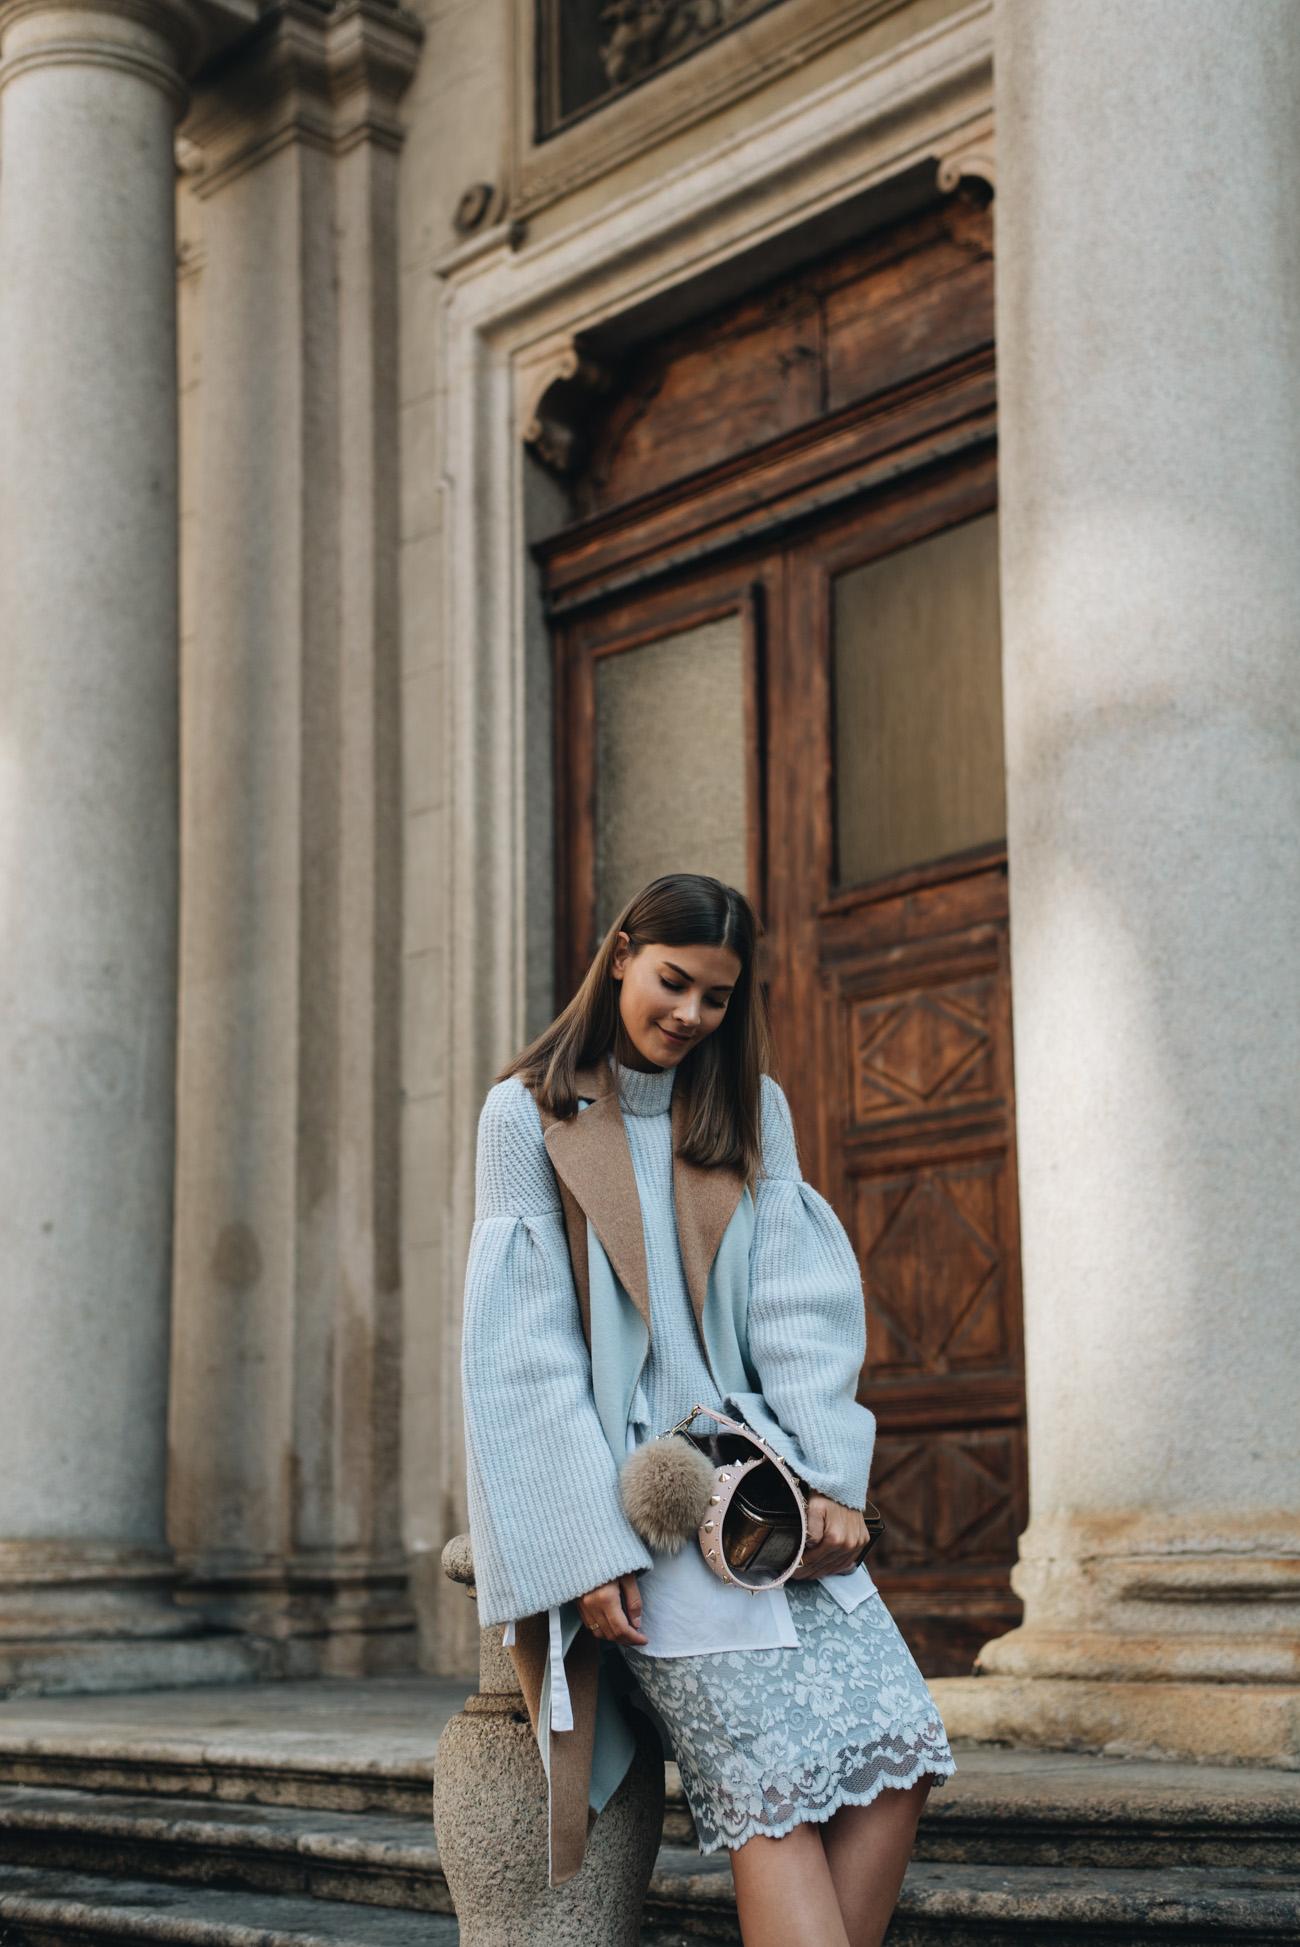 Layering-outfit-look-mit-pastellfarben-long-weste-spitzenrock-chloé-harper-wildleder-boots-nina-schwichtenberg-fashiioncarpet